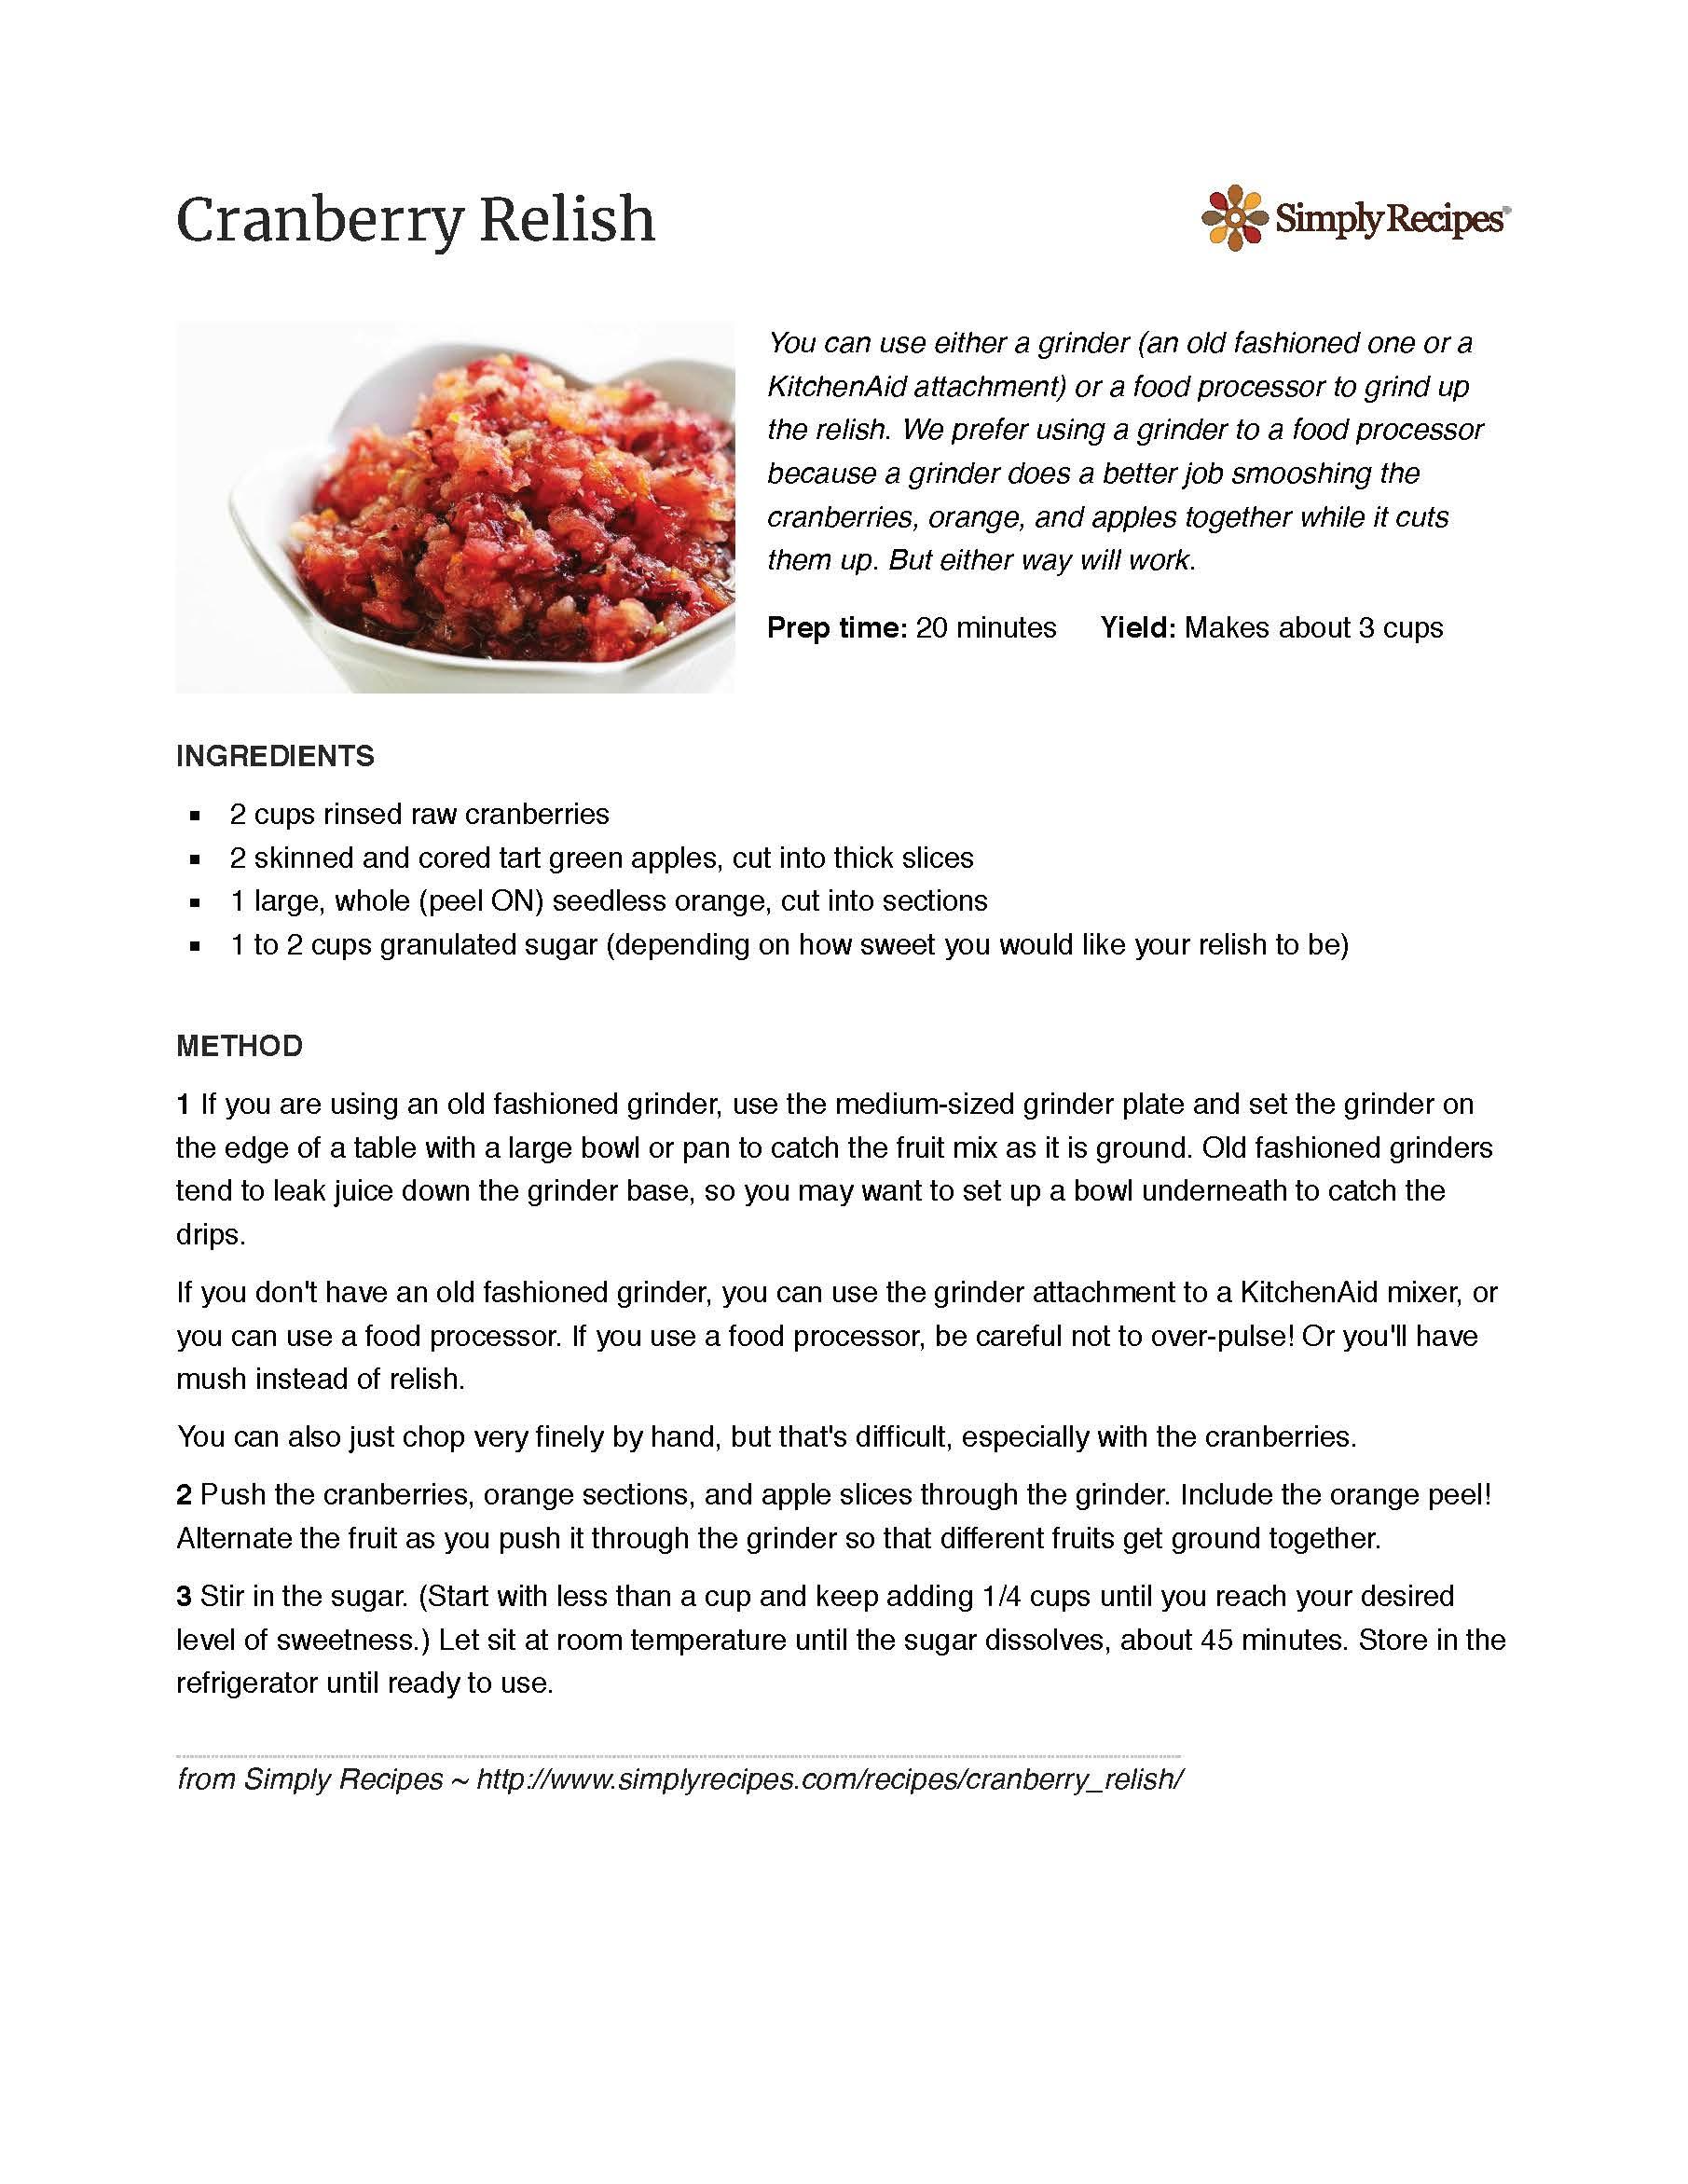 Cranberry Relish Recipe  SimplyRecipes.com.jpg